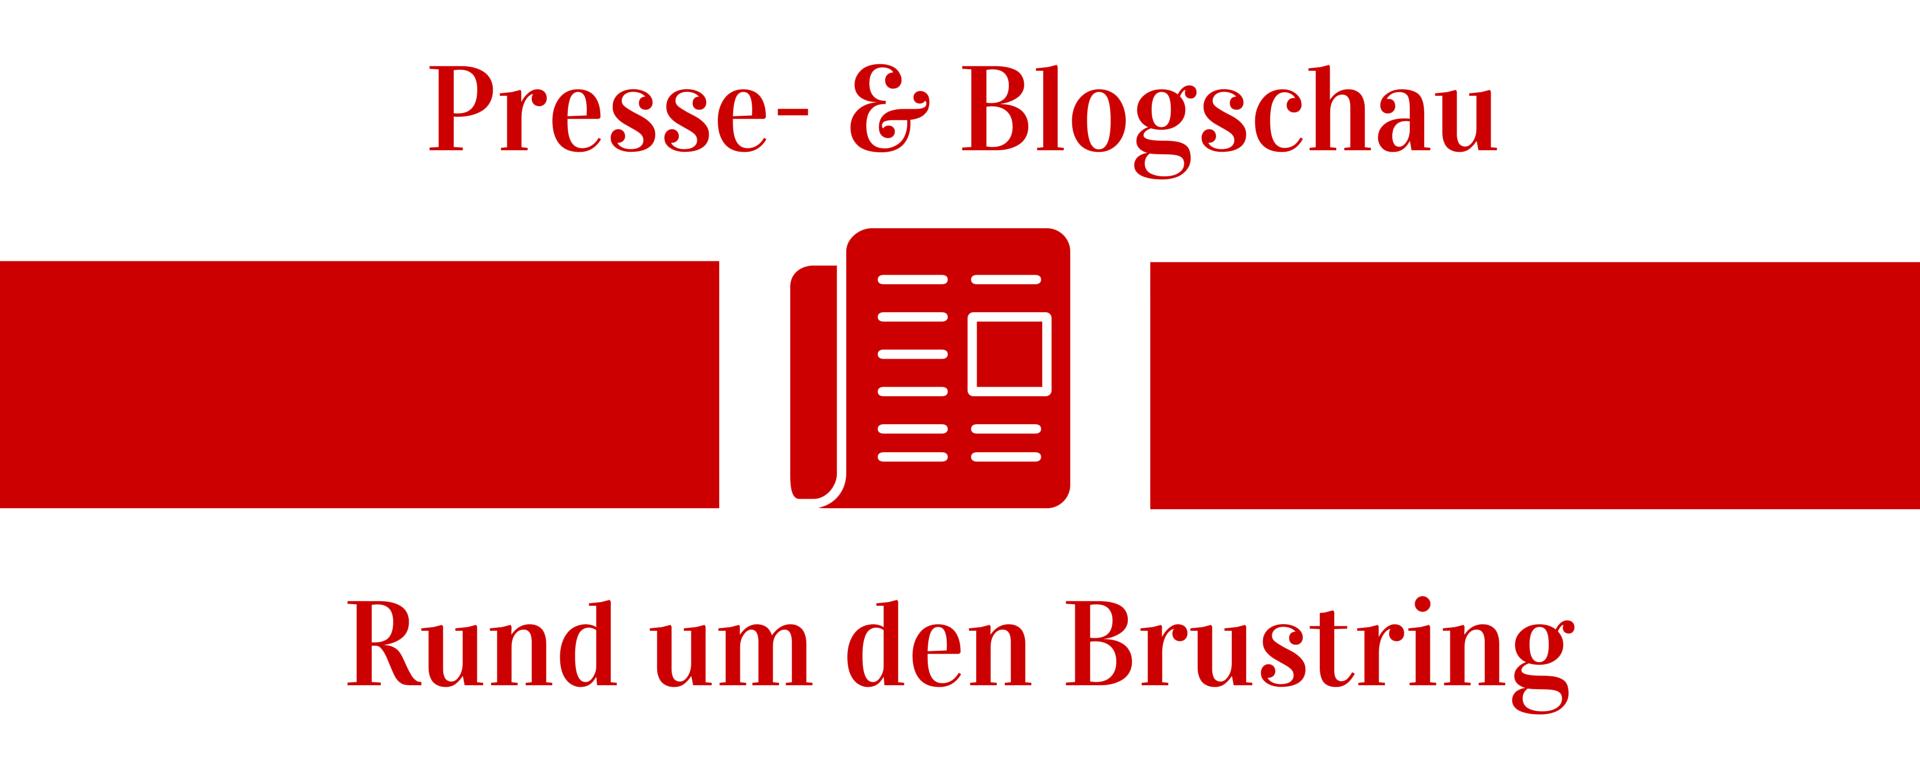 Auf nach Kiel! – Rund um den Brustring am Donnerstag, 6. August 2015